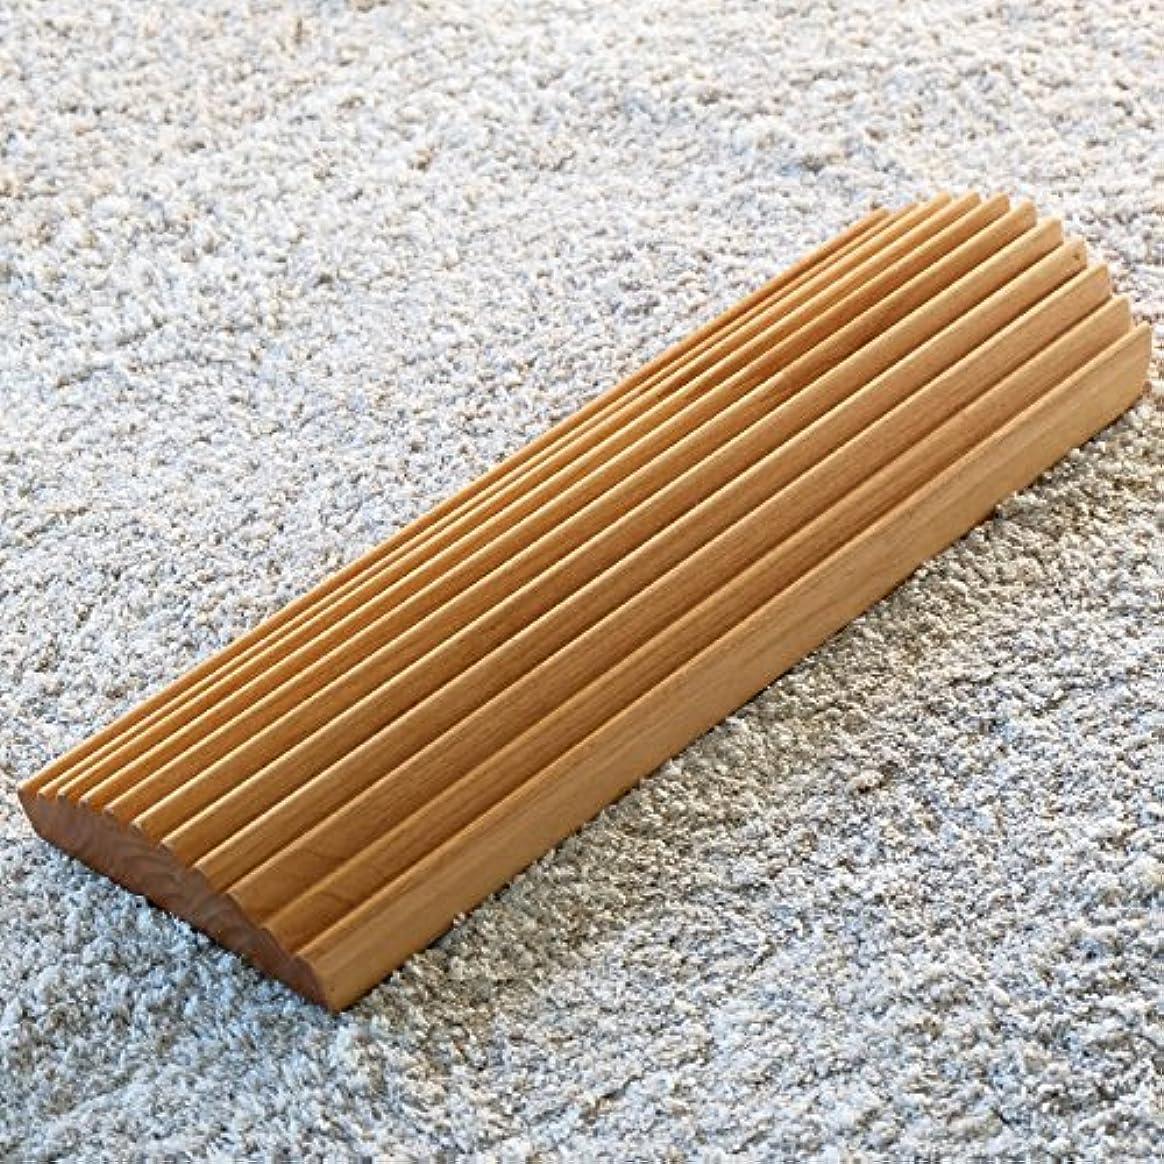 習慣爵誇りに思うISSEIKI 足踏み アルダー材 幅40cm FIT ASIFUMI 40 (NA) フットケア 木製 おしゃれ プレゼント 指圧代用 FIT ASIFUMI 40 (AL-NA)